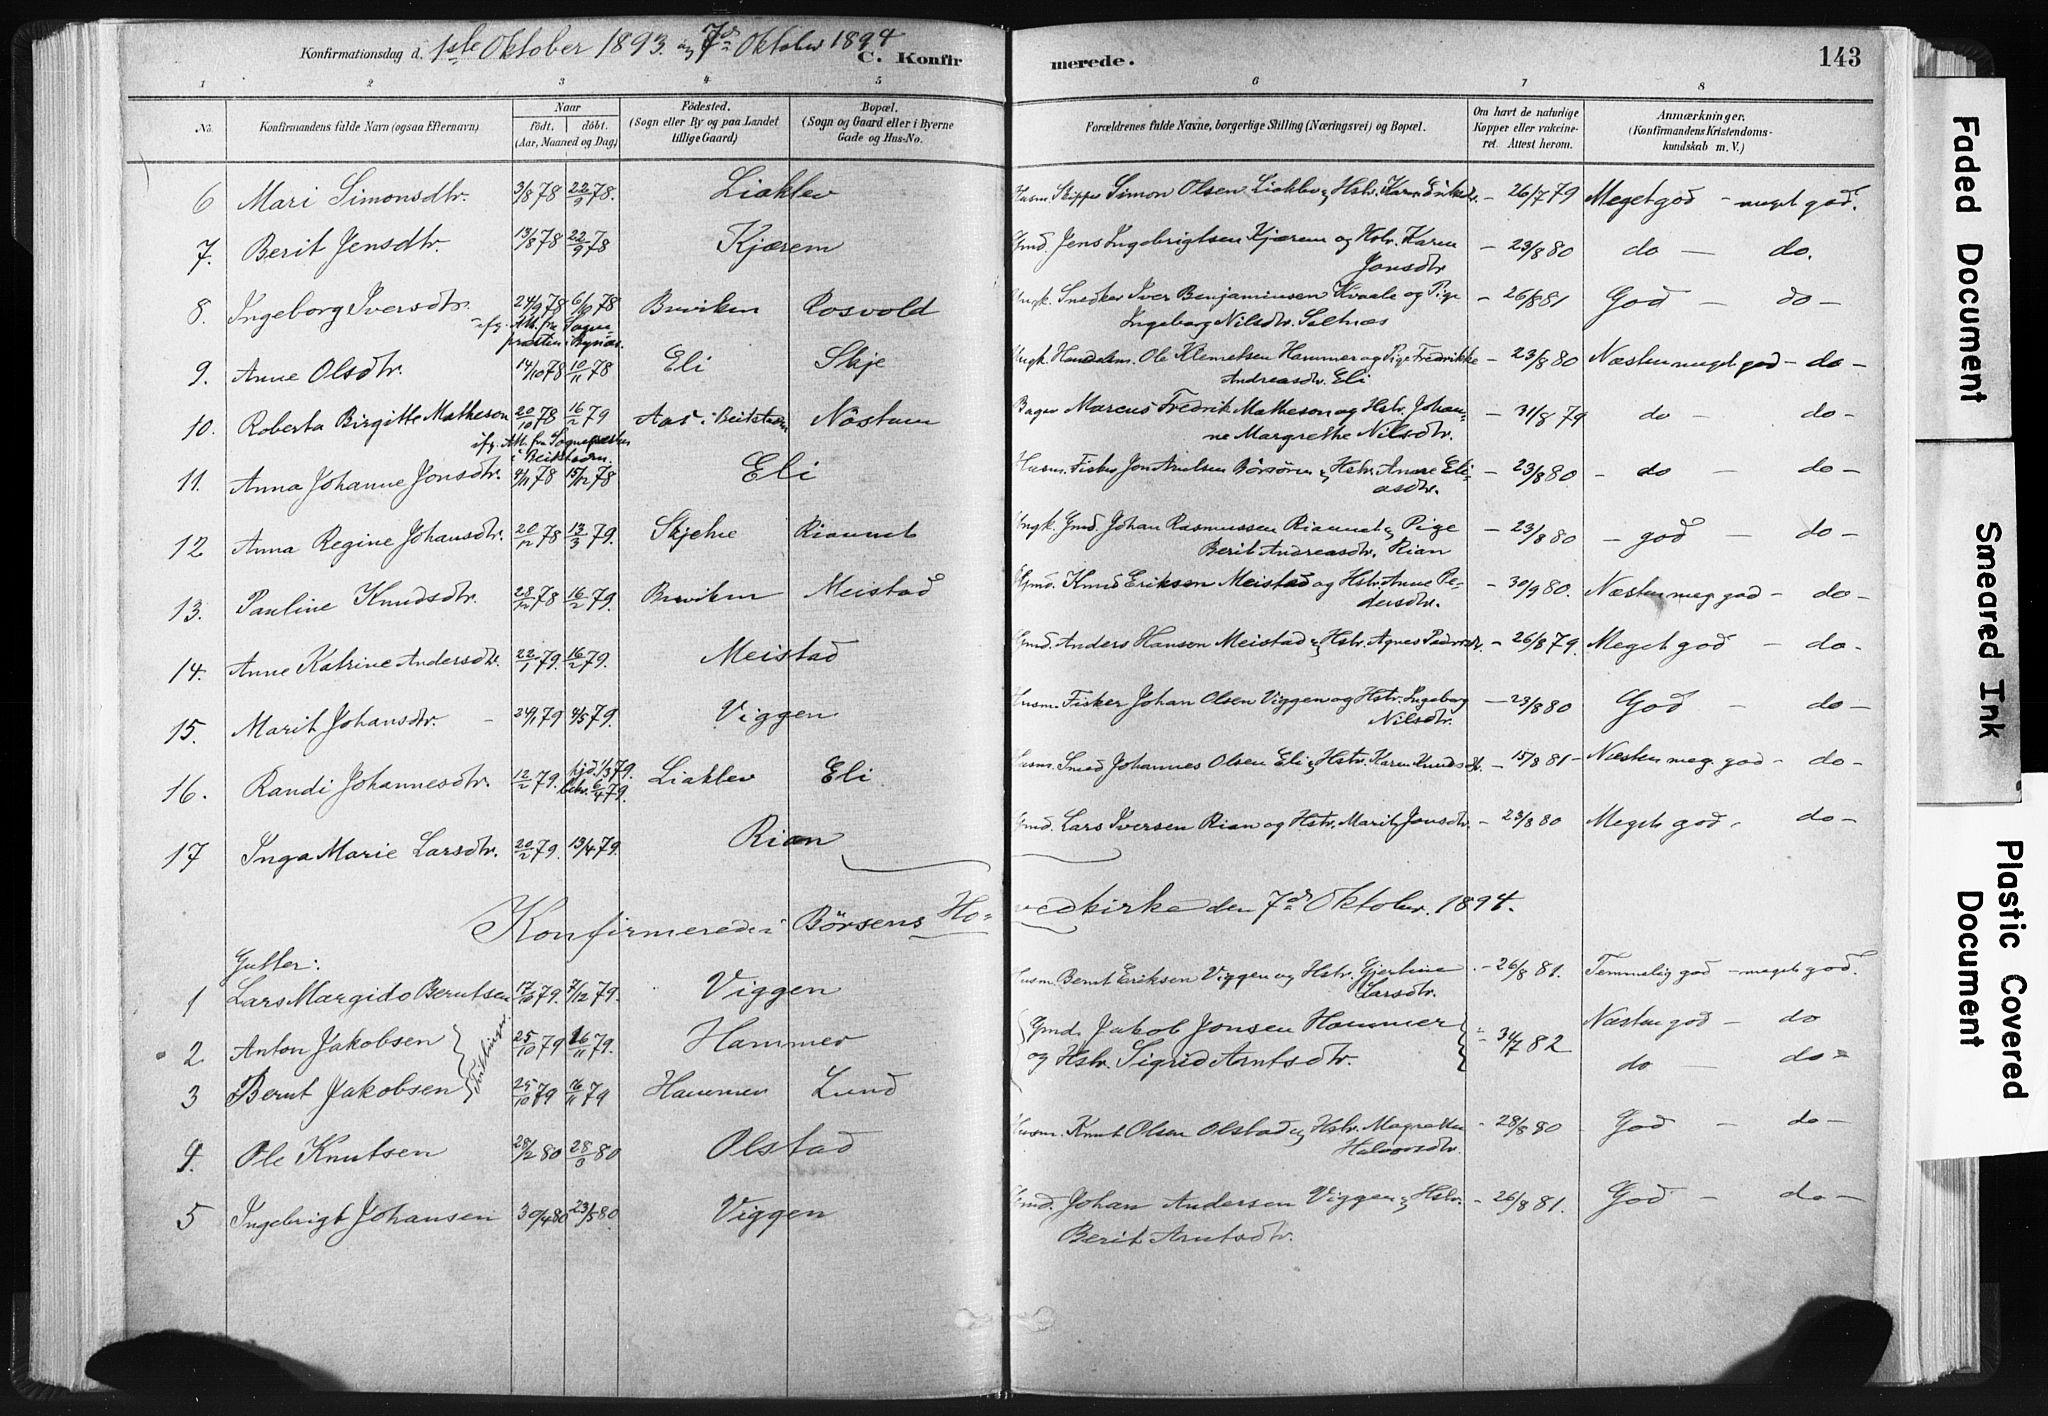 SAT, Ministerialprotokoller, klokkerbøker og fødselsregistre - Sør-Trøndelag, 665/L0773: Ministerialbok nr. 665A08, 1879-1905, s. 143